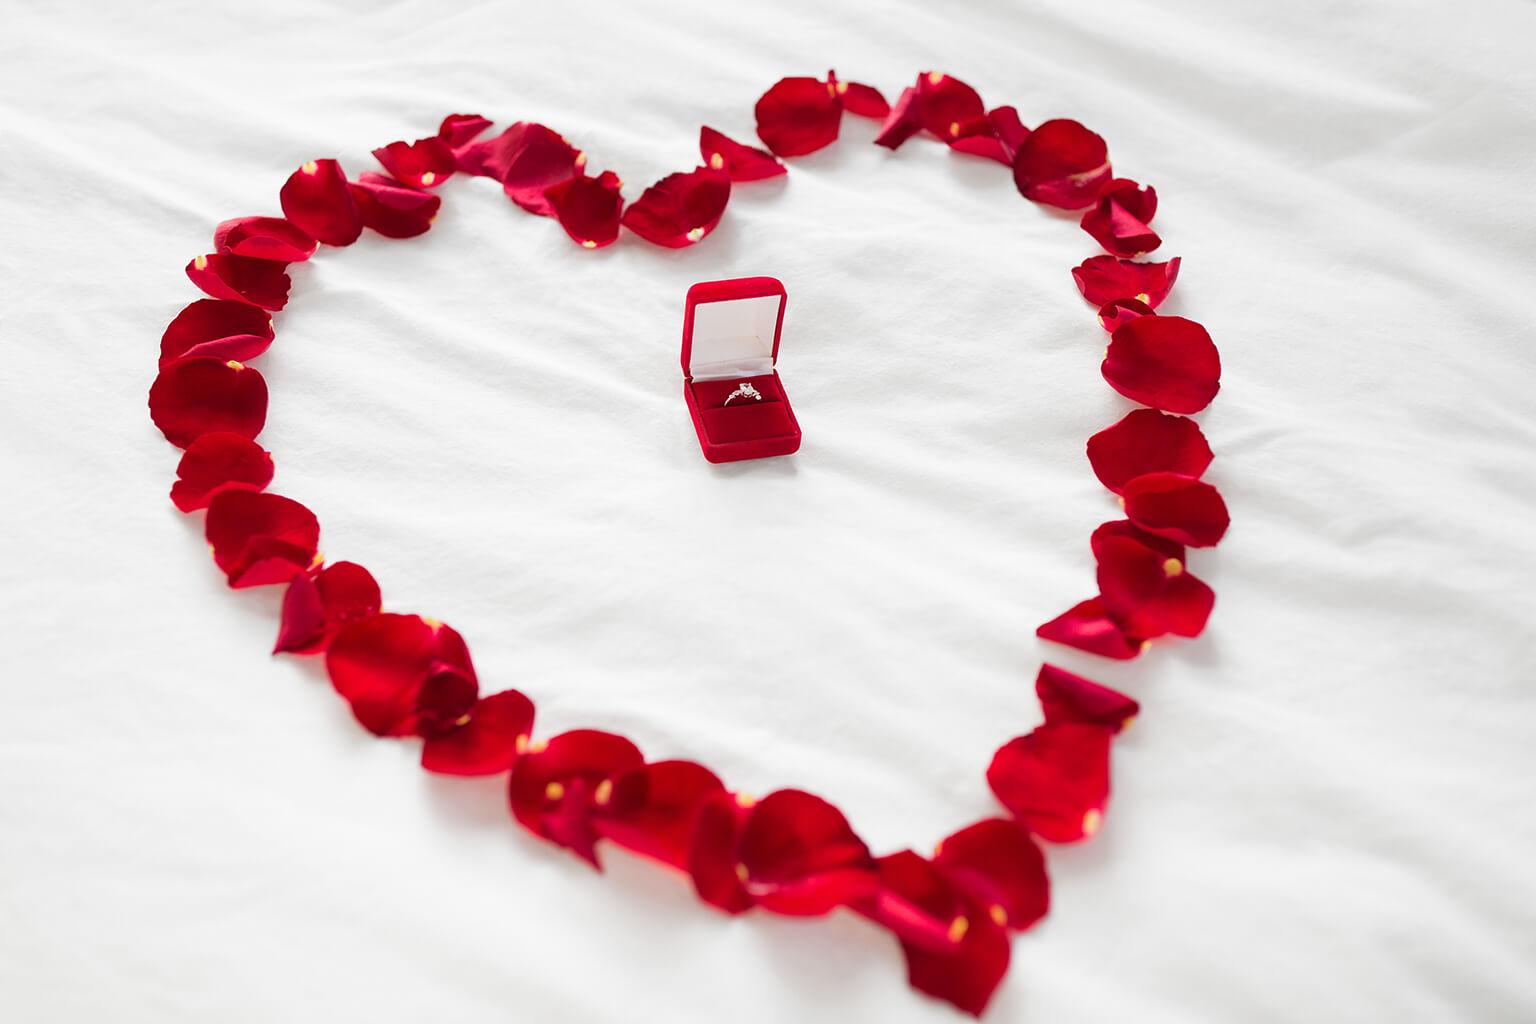 corazón hecho de pétalos y anillo de diamantes en una caja de regalo.